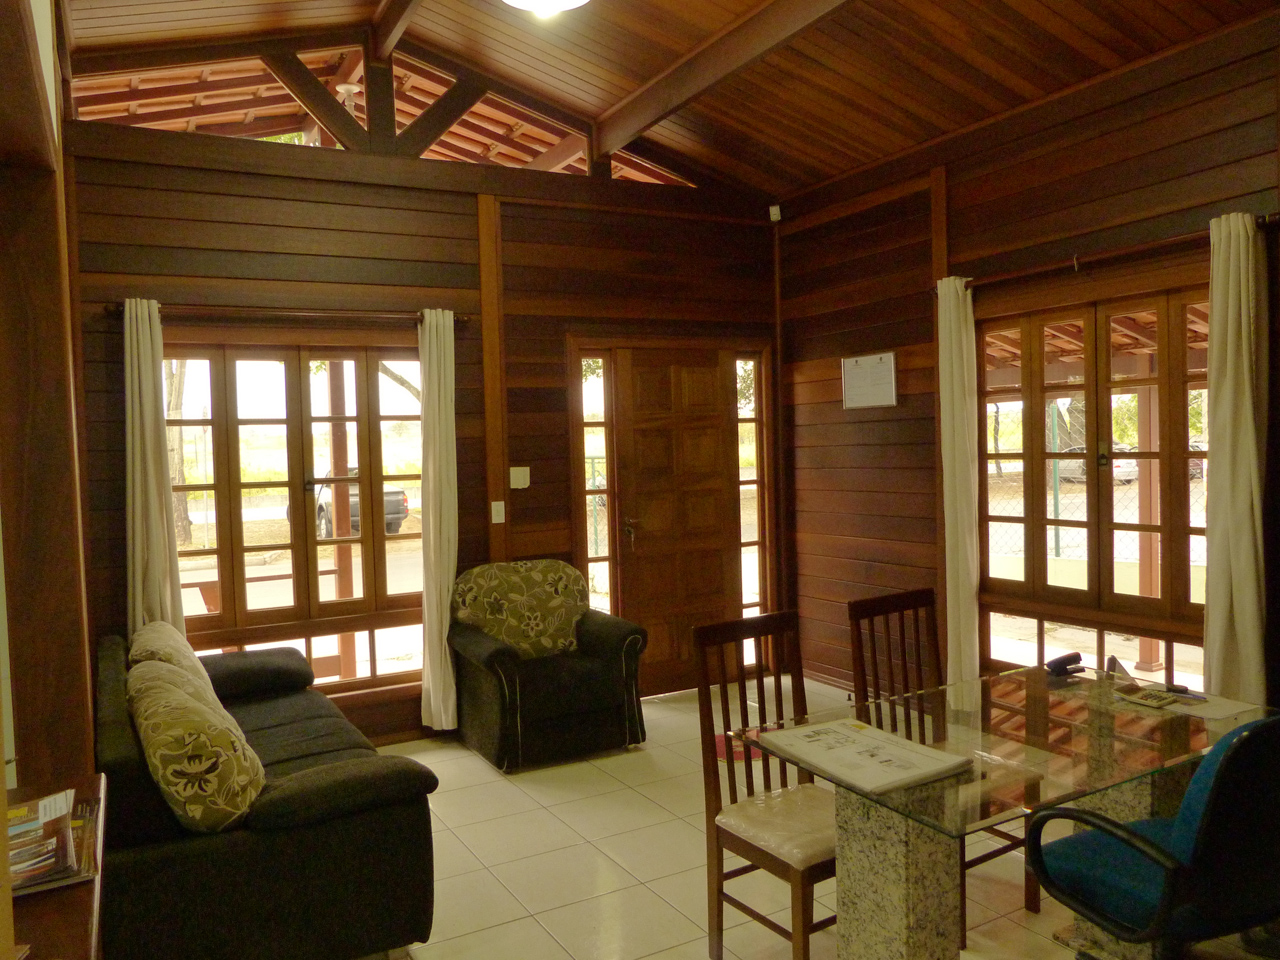 Construtora de casas de madeira casas pr fabricadas - Casa de fotos ...